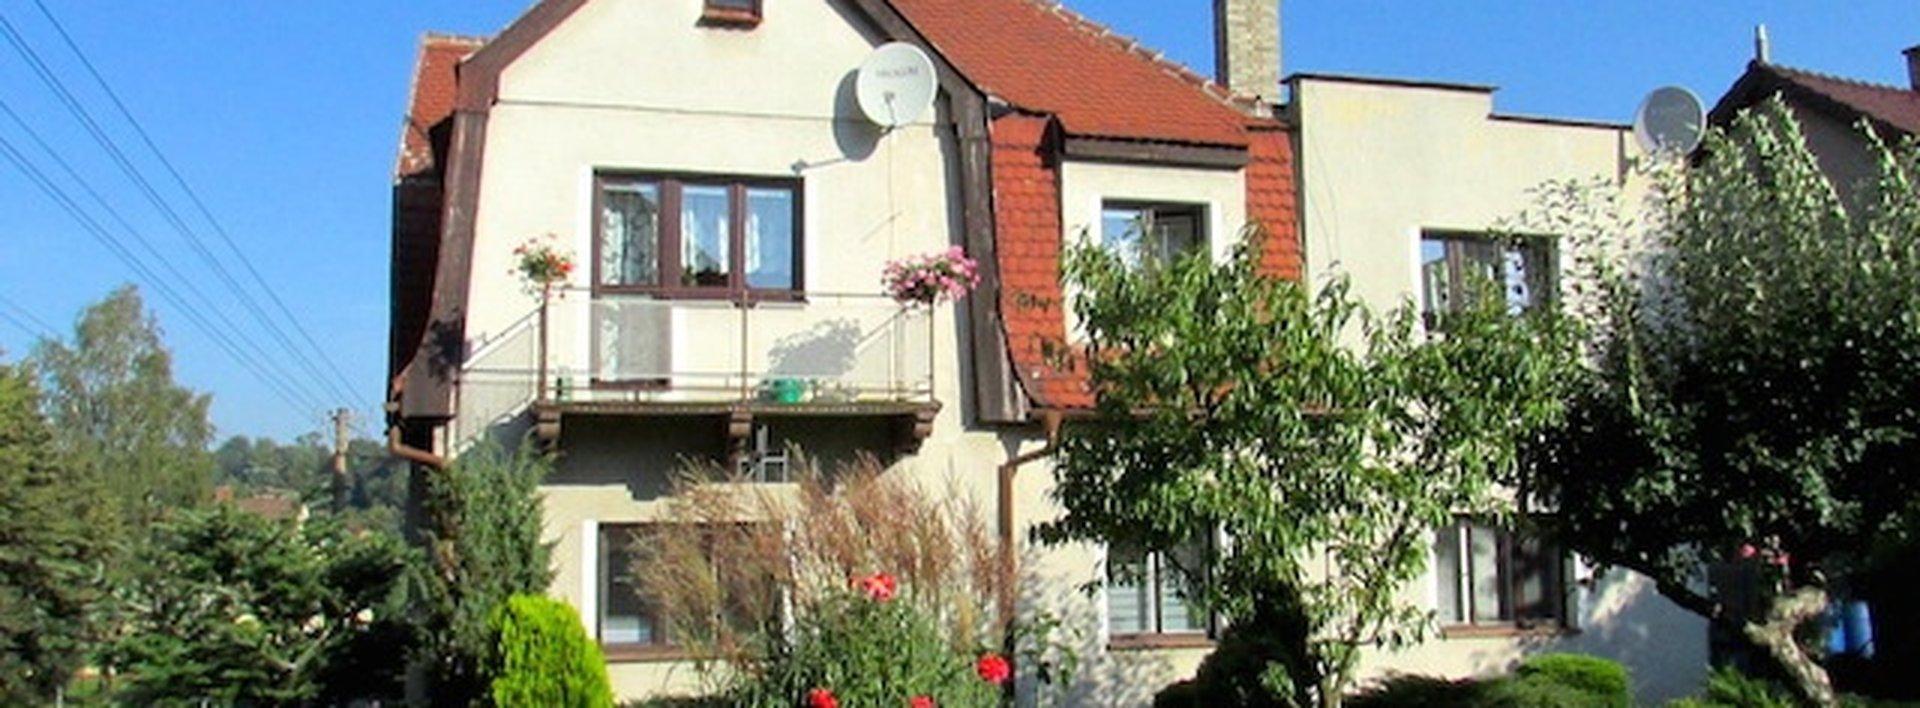 Prodej bytu 4+1, 115 m²  v domě se zahradou v Chrastavě, Ev.č.: N47810